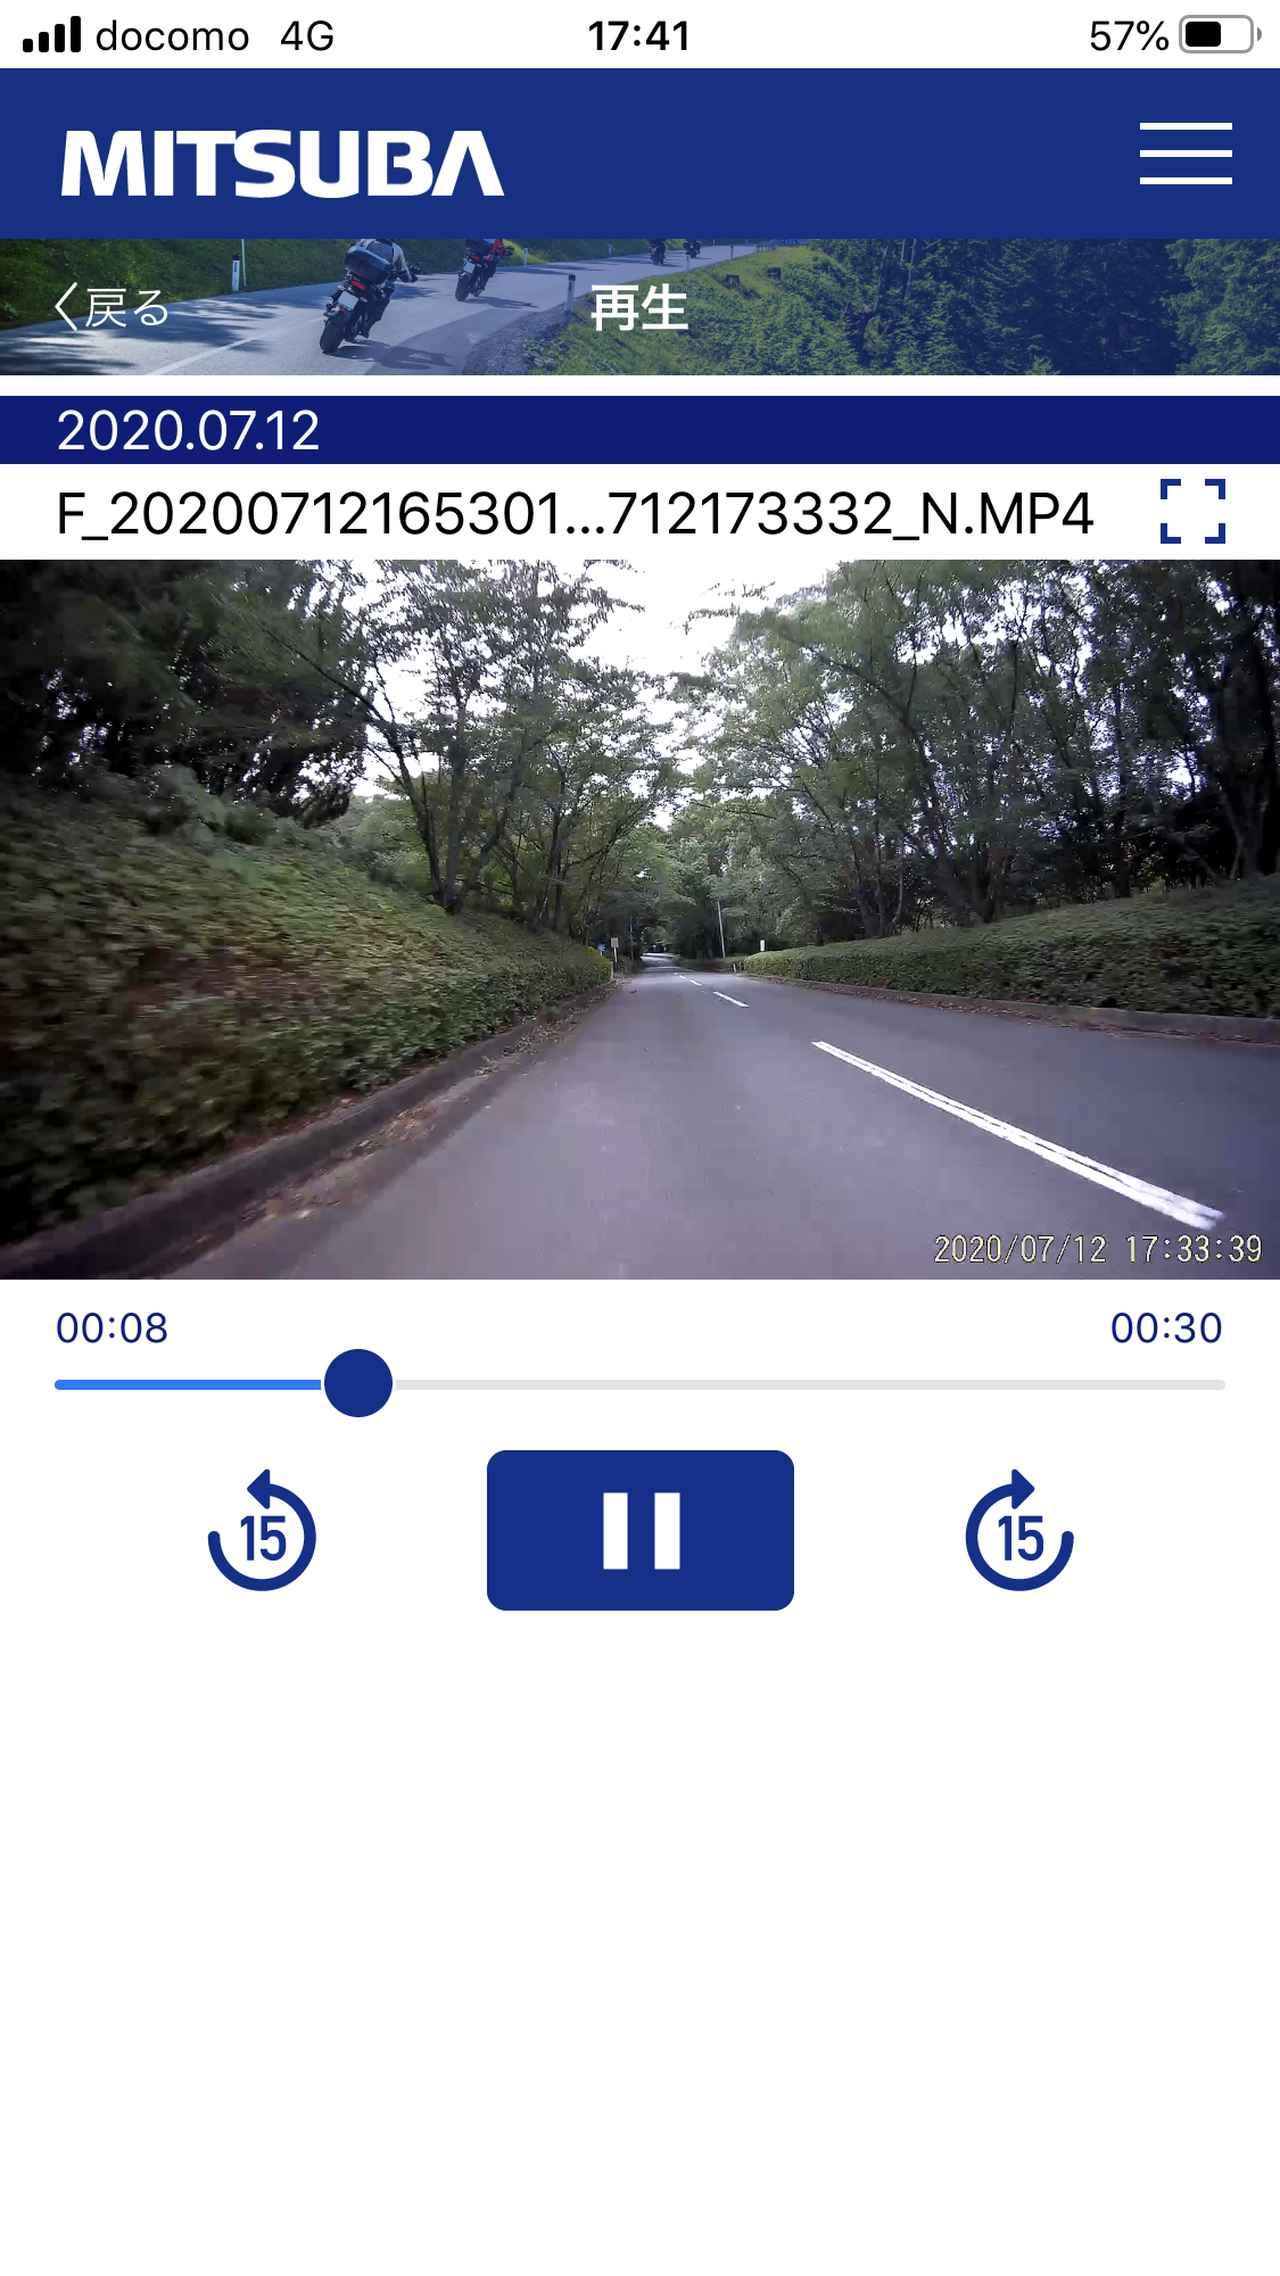 画像: 録画の確認もできるけど、これは振動の確認くらいしか使わないかな、たぶん。